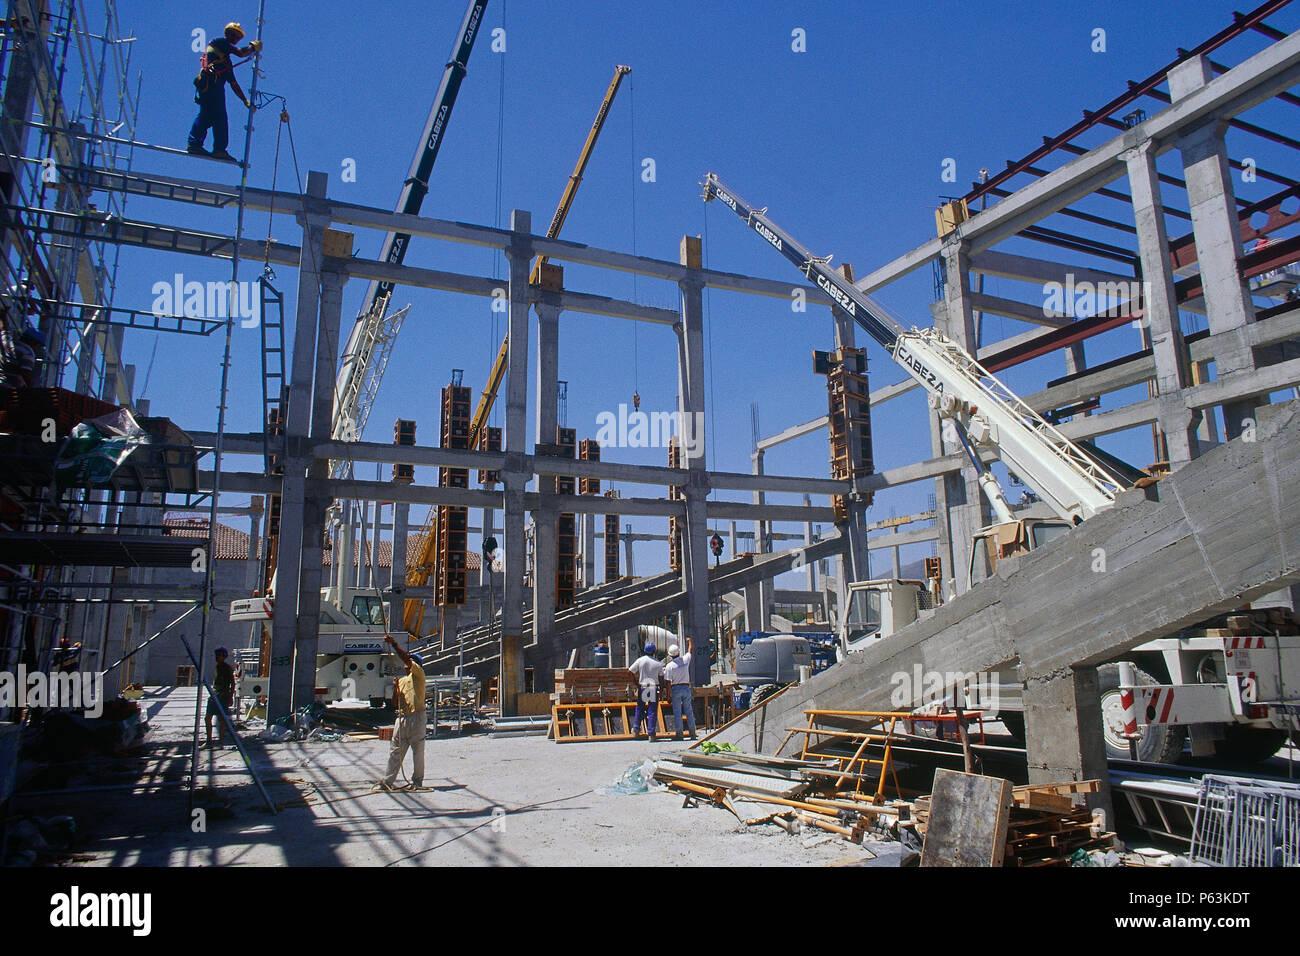 Concrete Frame Stockfotos & Concrete Frame Bilder - Seite 2 - Alamy